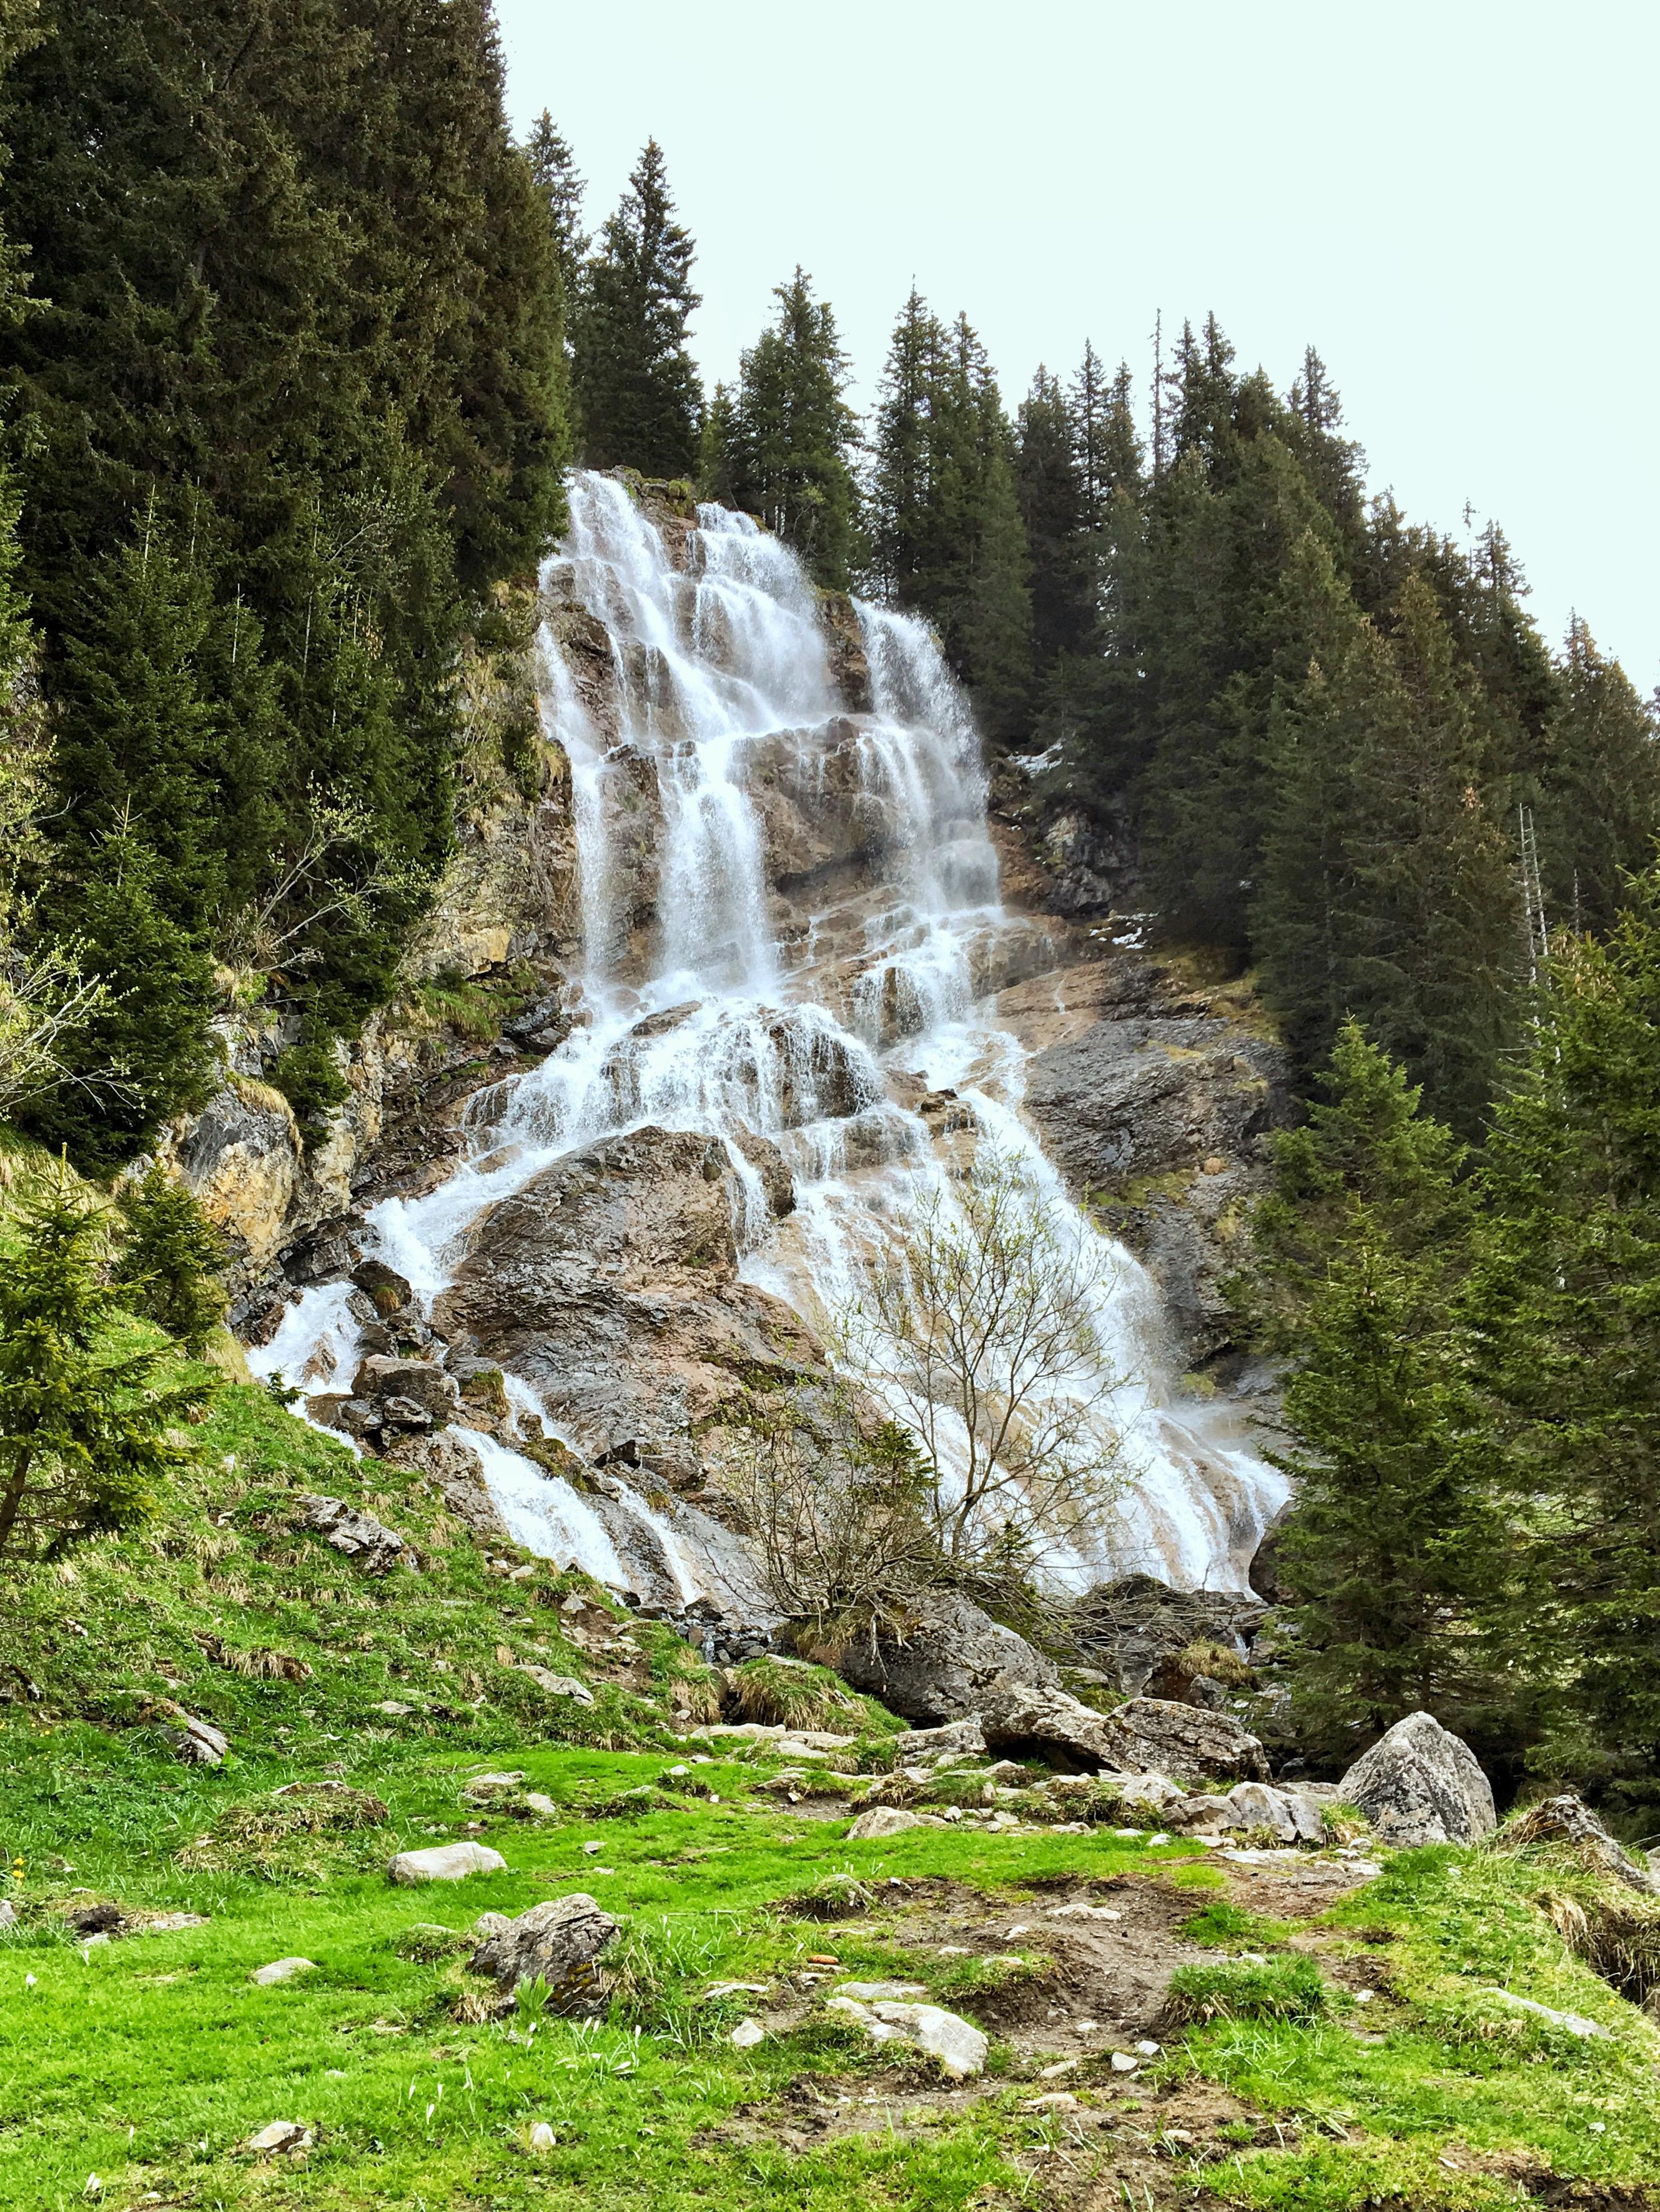 Cascades des Brochaux - Waterfalls in and around the Portes du Soleil